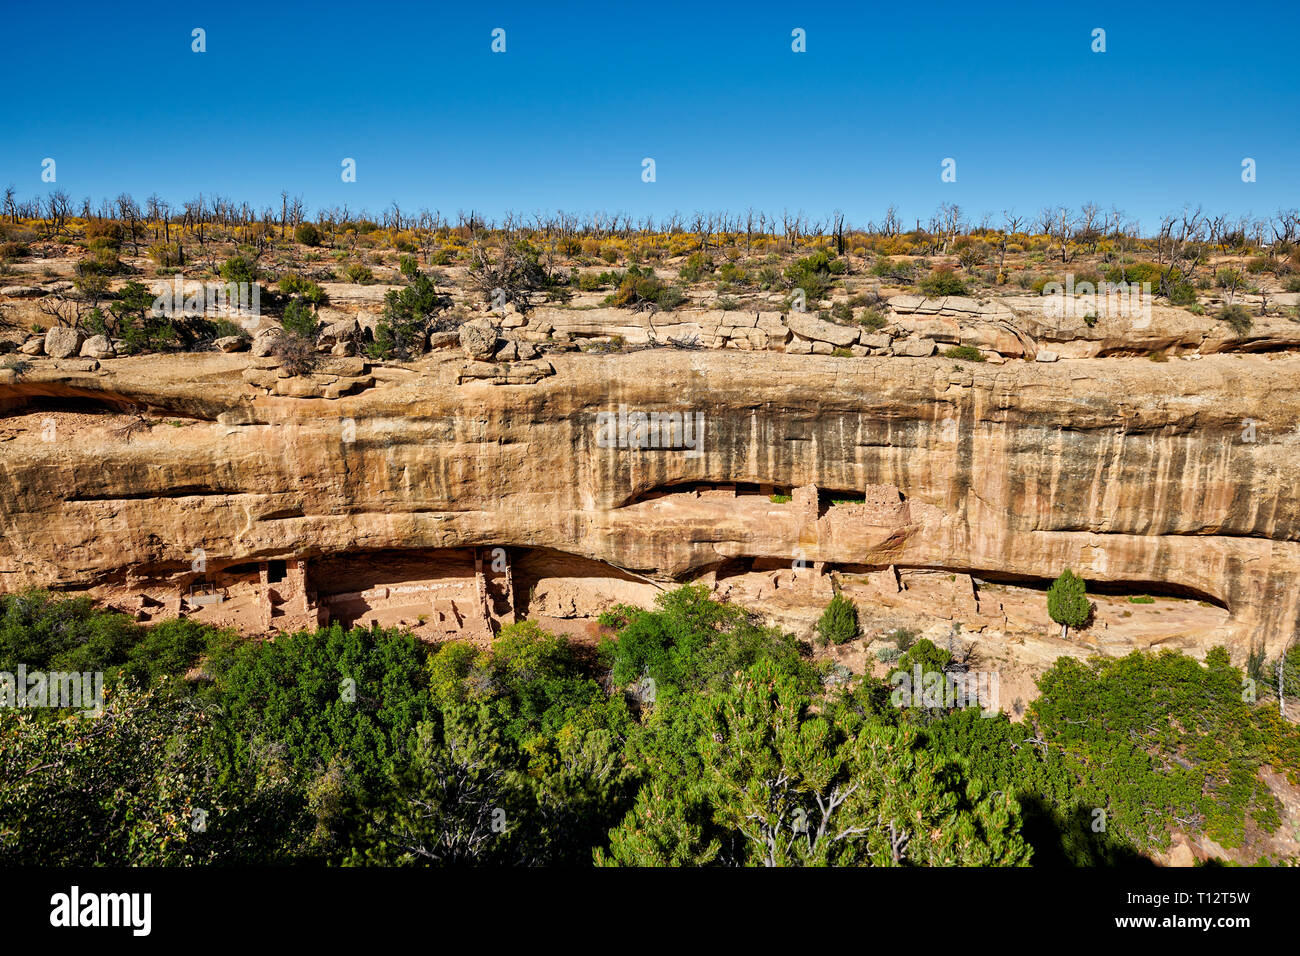 Cliff viviendas en Mesa-Verde-National Park, sitio del patrimonio mundial de la UNESCO, Colorado, Estados Unidos, América del Norte Imagen De Stock